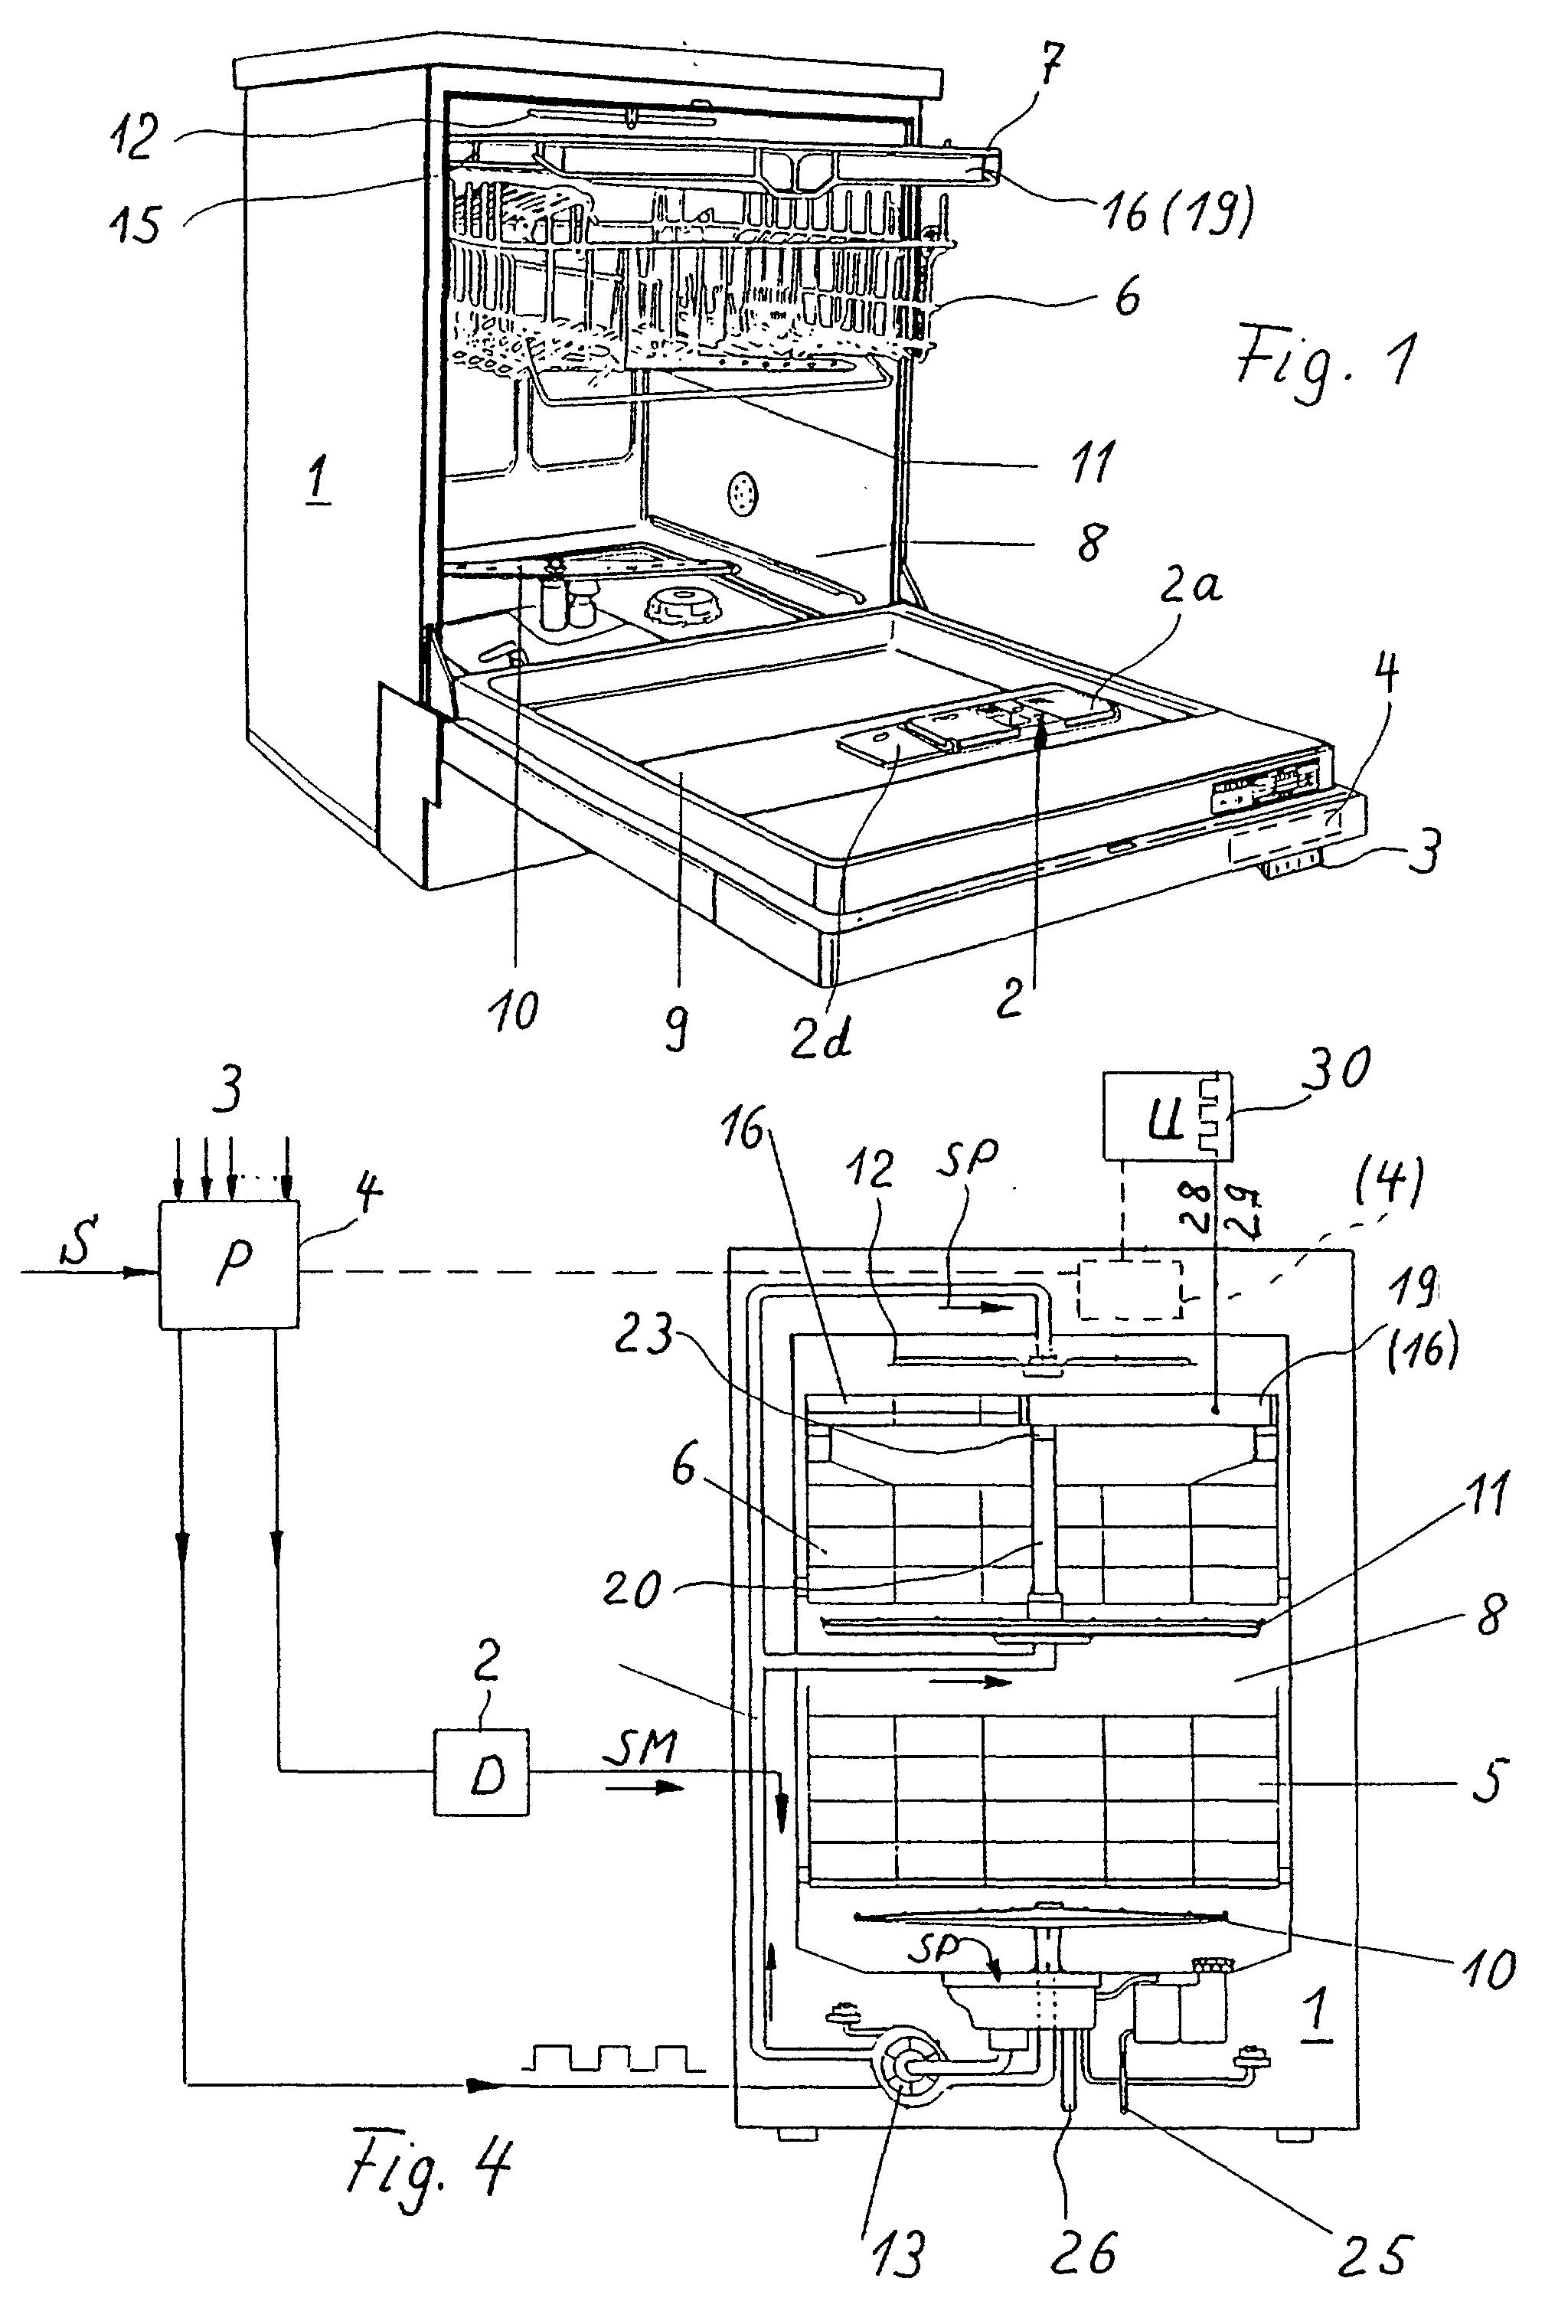 patent ep0966913b1 verfahren zum sp len reinigen und. Black Bedroom Furniture Sets. Home Design Ideas